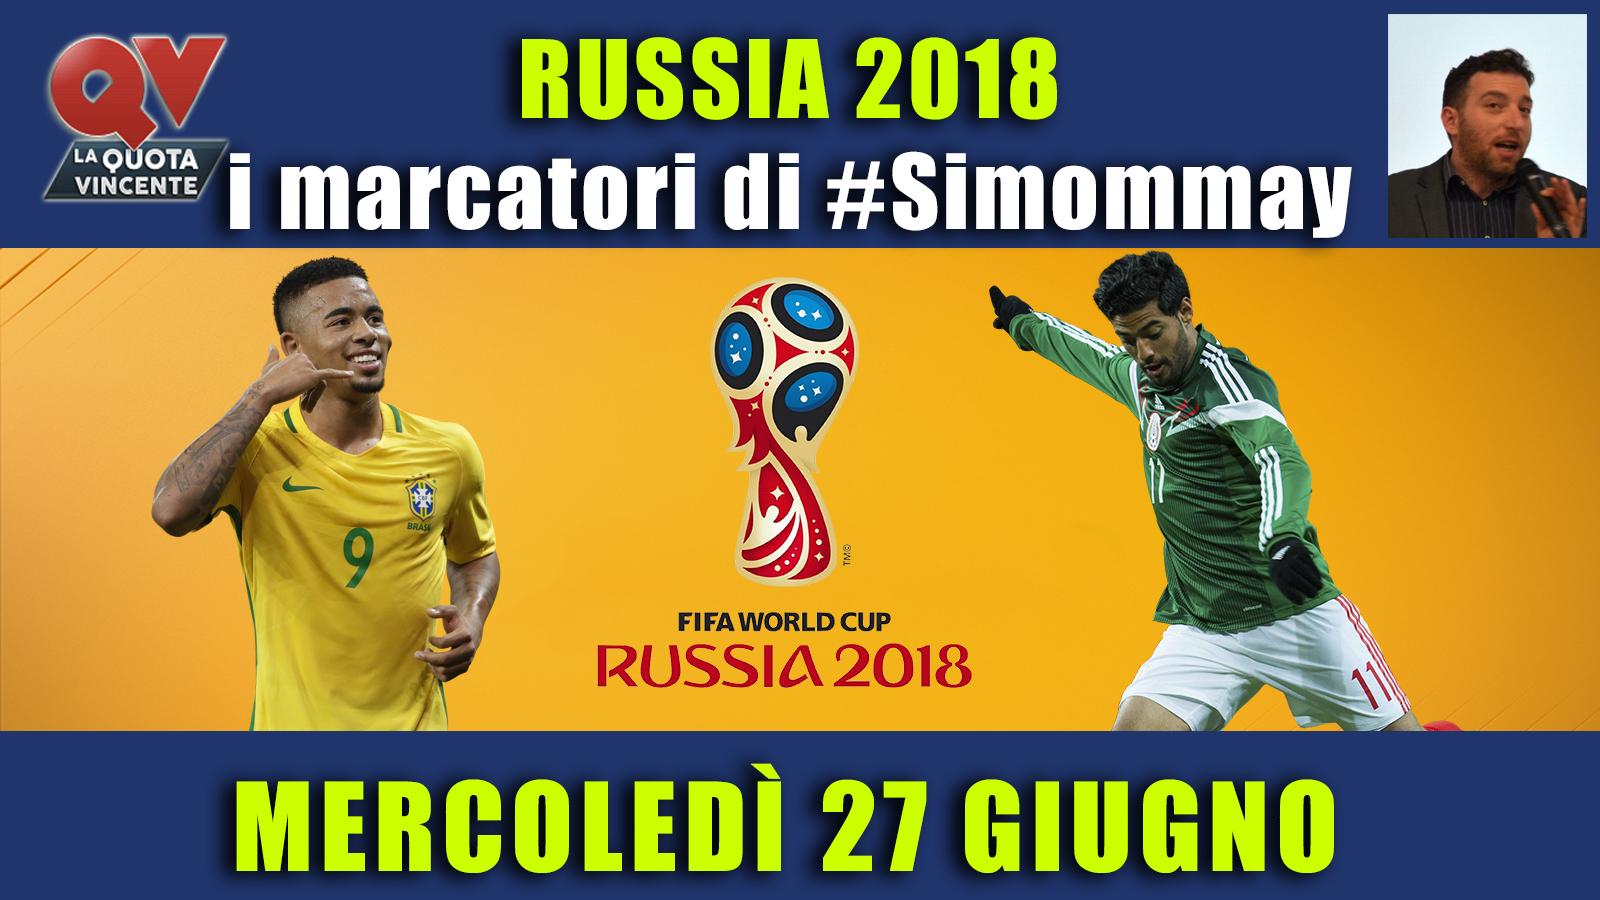 Pronostici marcatori Mondiali 27 giugno: i marcatori di #simommay